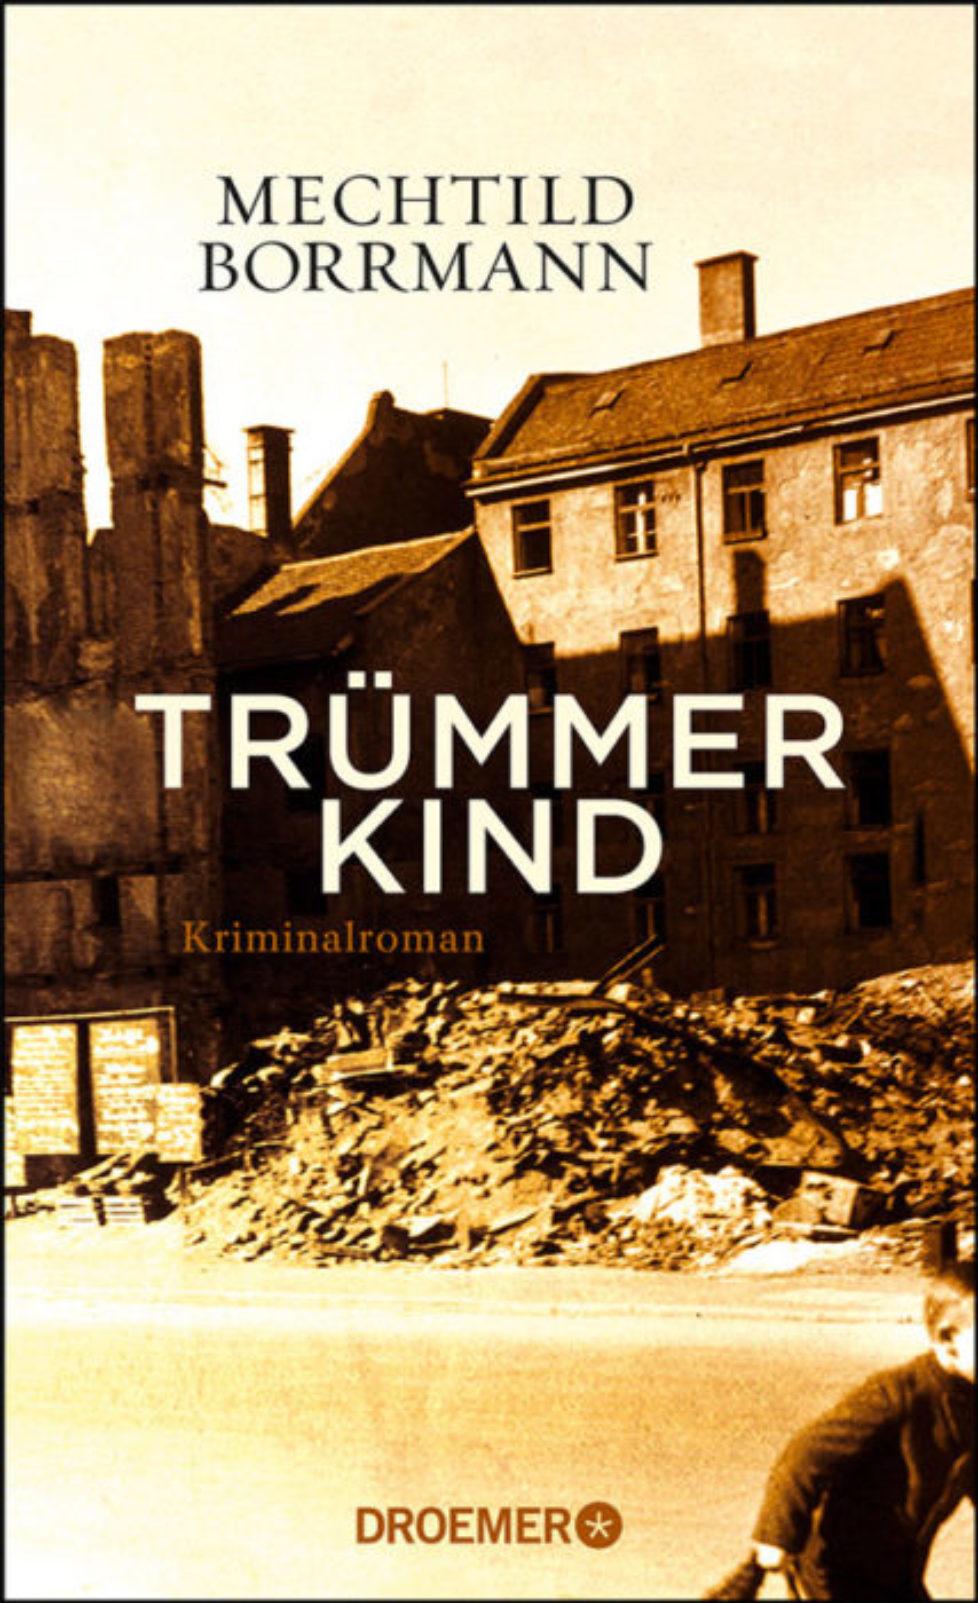 Cover-Trümmerkind